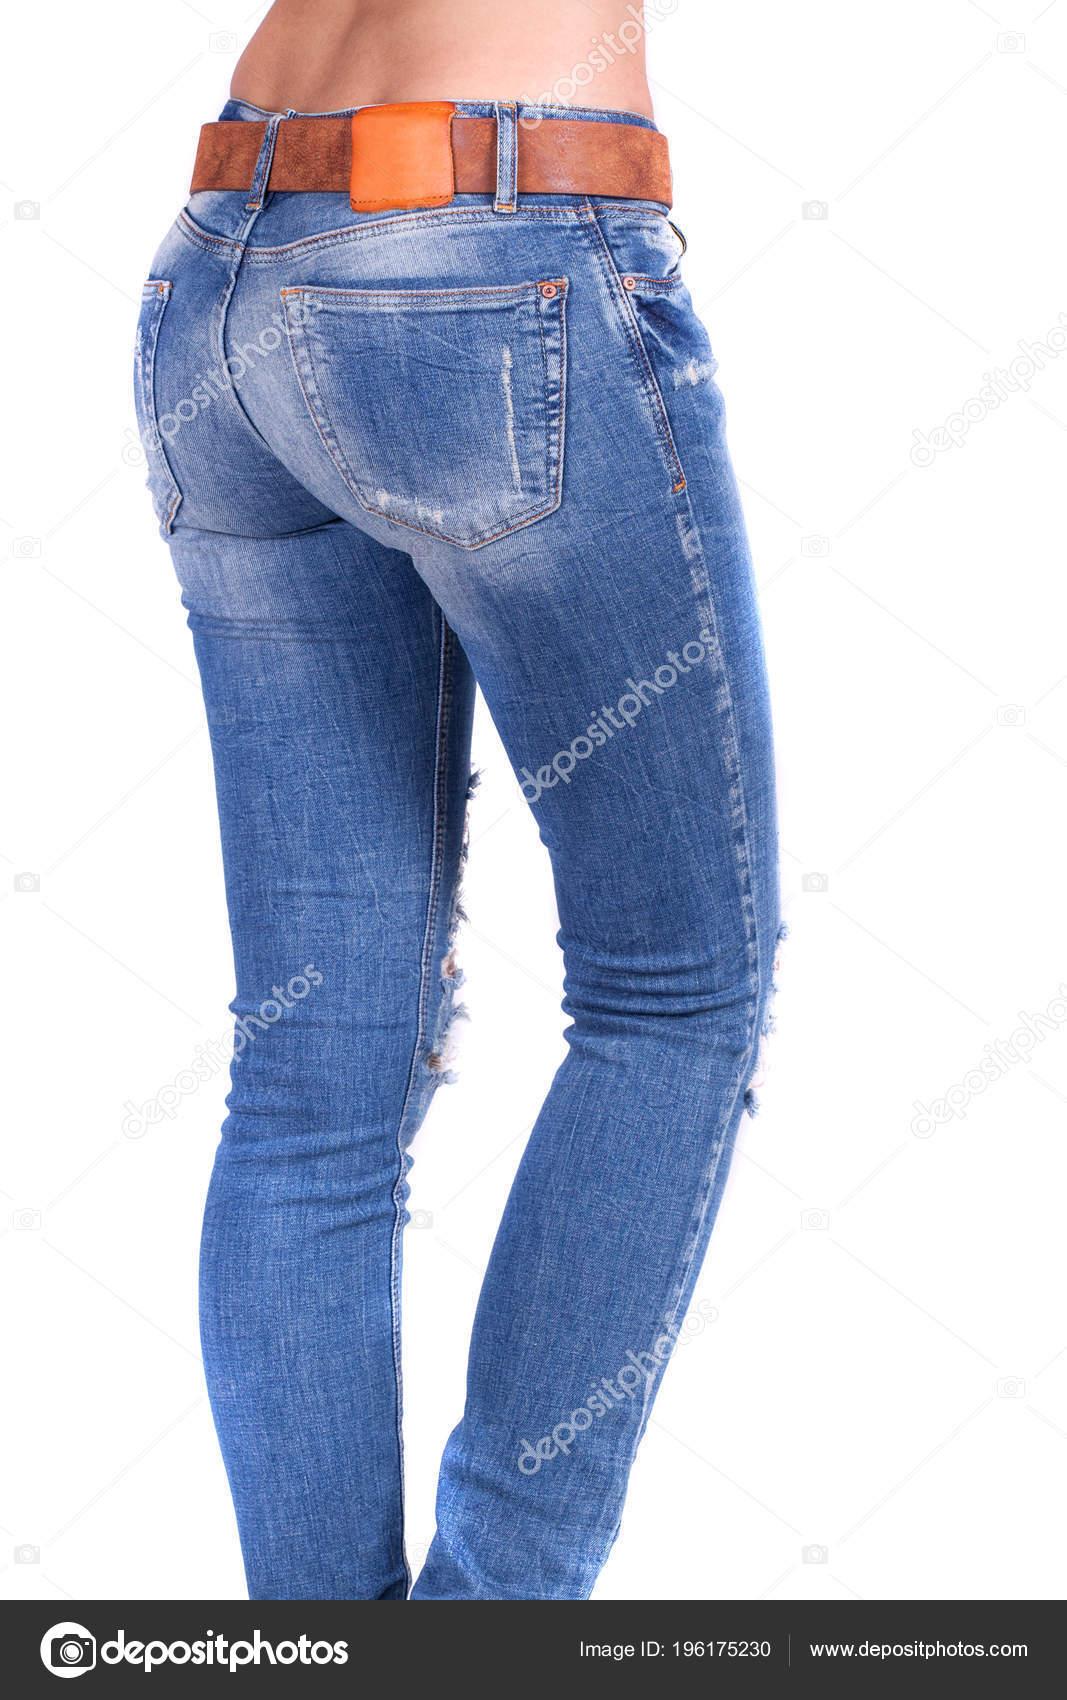 Сексуальные джинсы фото, эротические фильмы русское зрелых